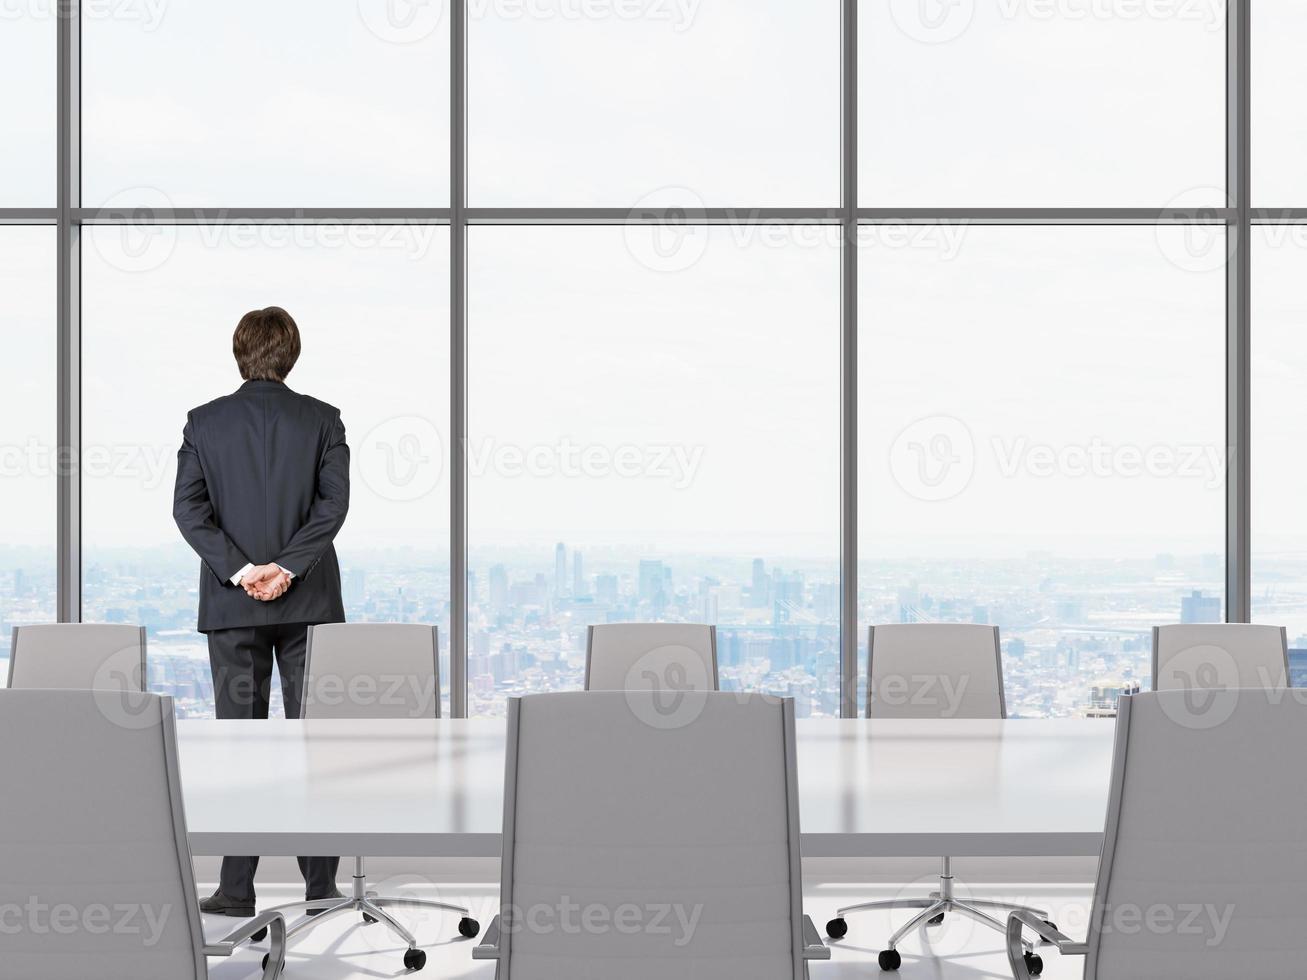 homme au bureau photo